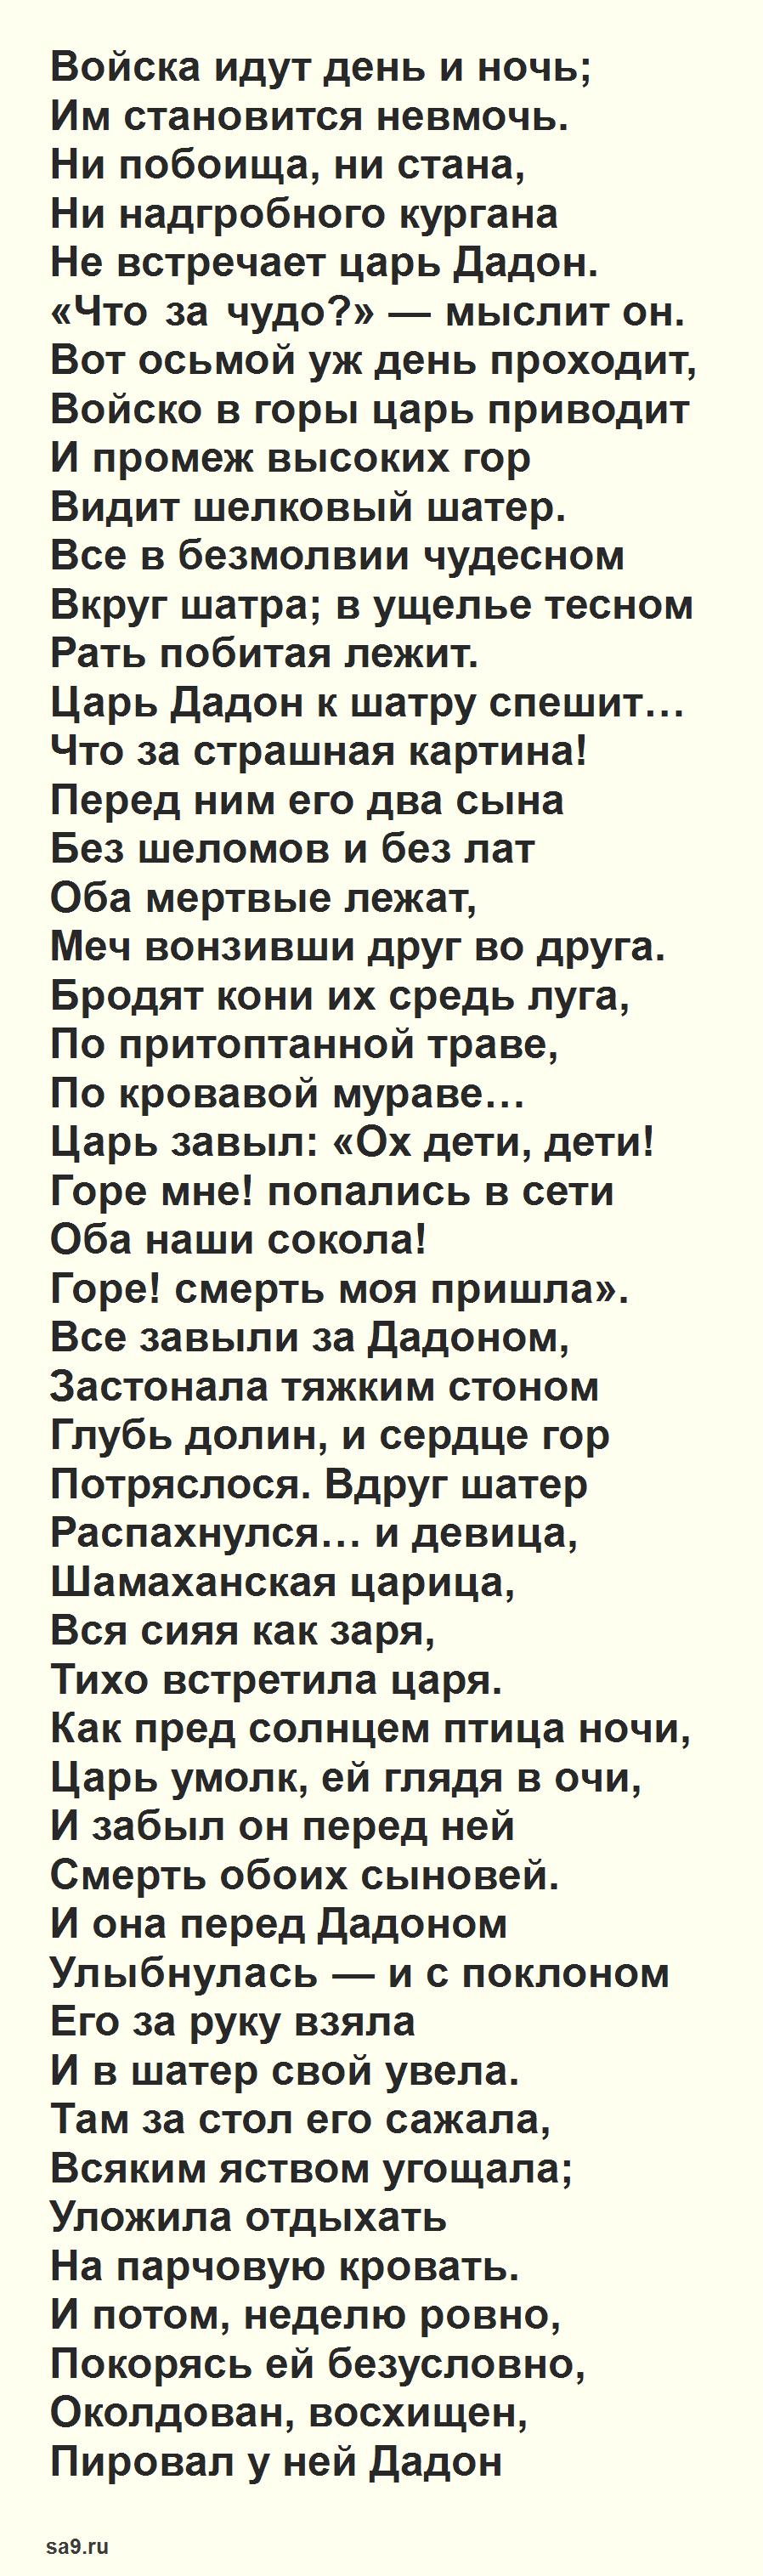 Читать интересную сказку Пушкина 'О золотом петушке'